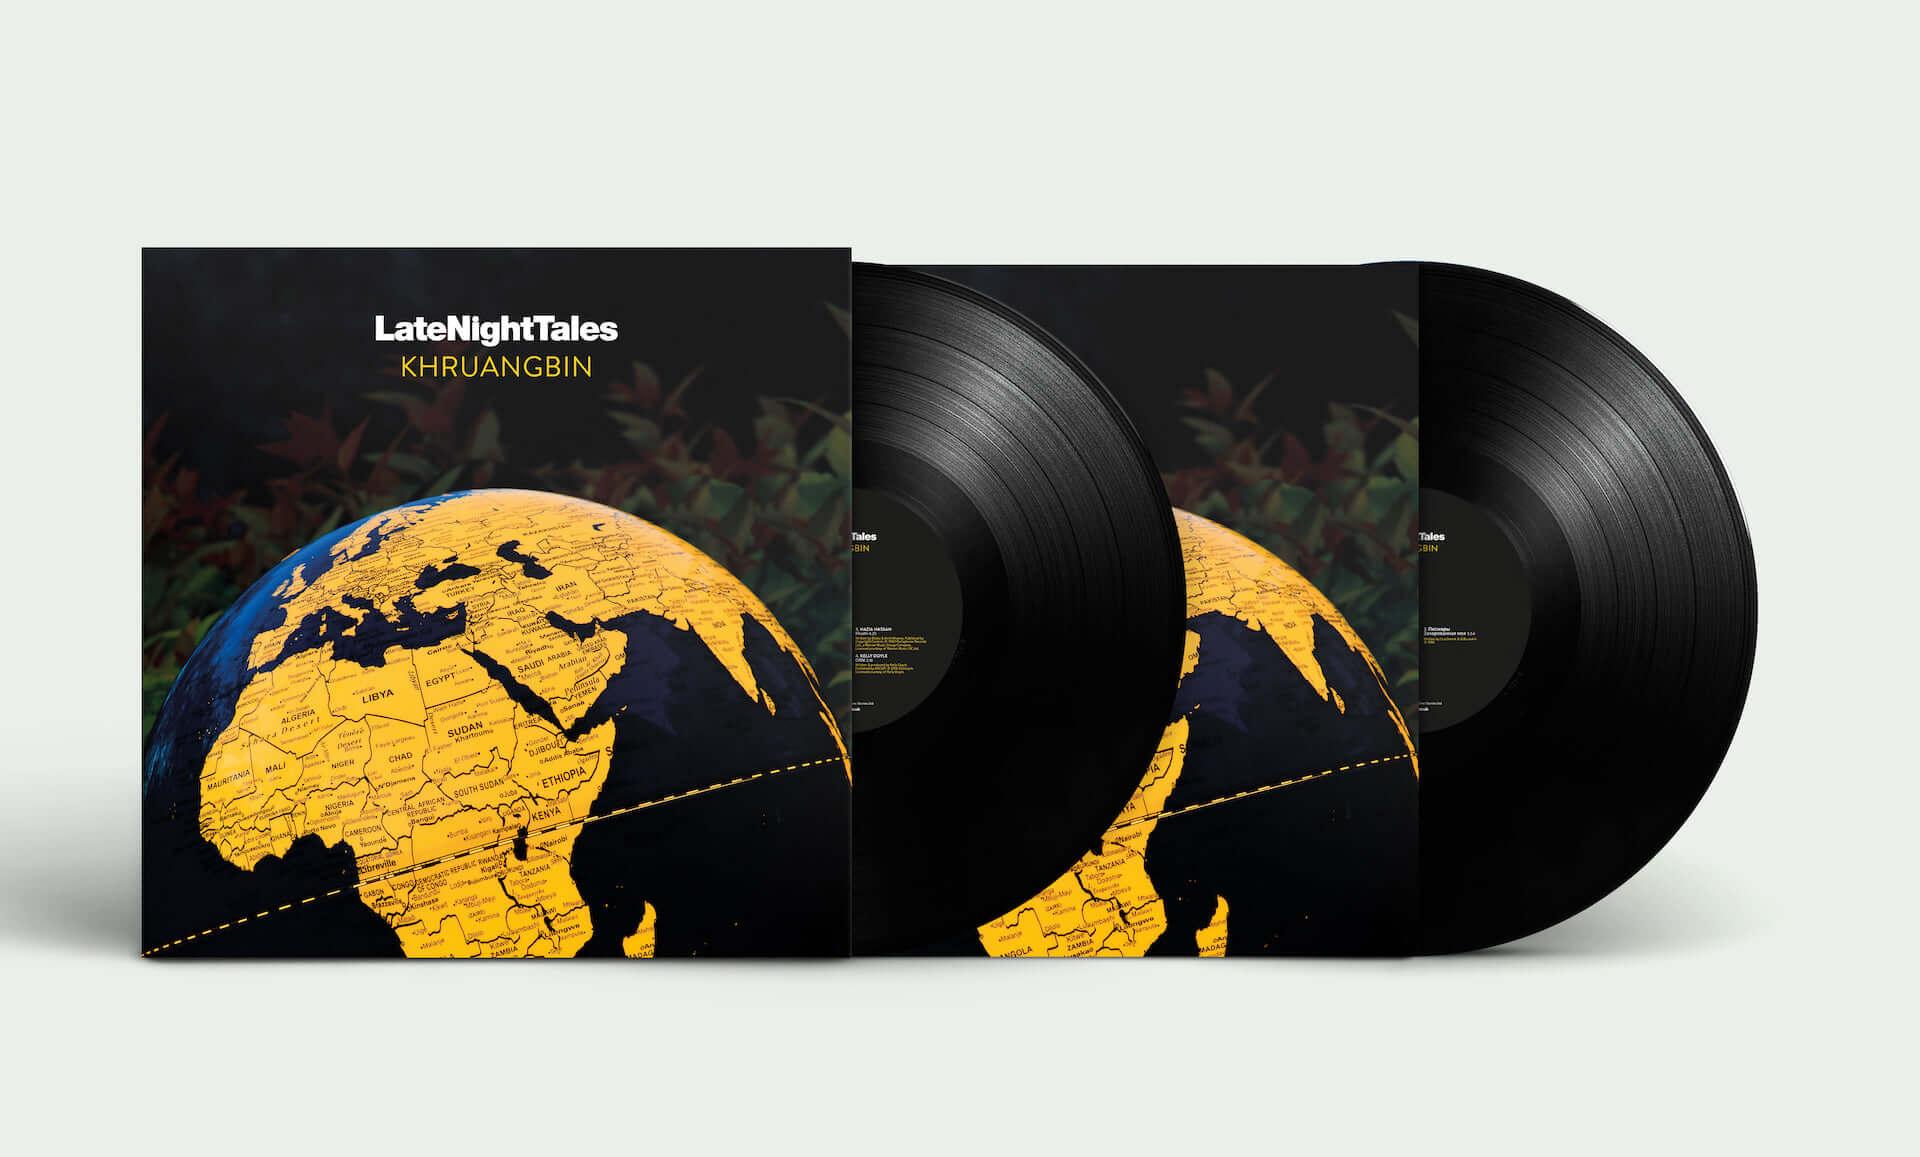 Khruangbinによる夜聴きコンピの決定盤「Late Night Tales」がリリース決定!萩原健一主演ドラマ『祭ばやしが聞こえる』の主題歌も収録 music201029_khruangbin_4-1920x1157